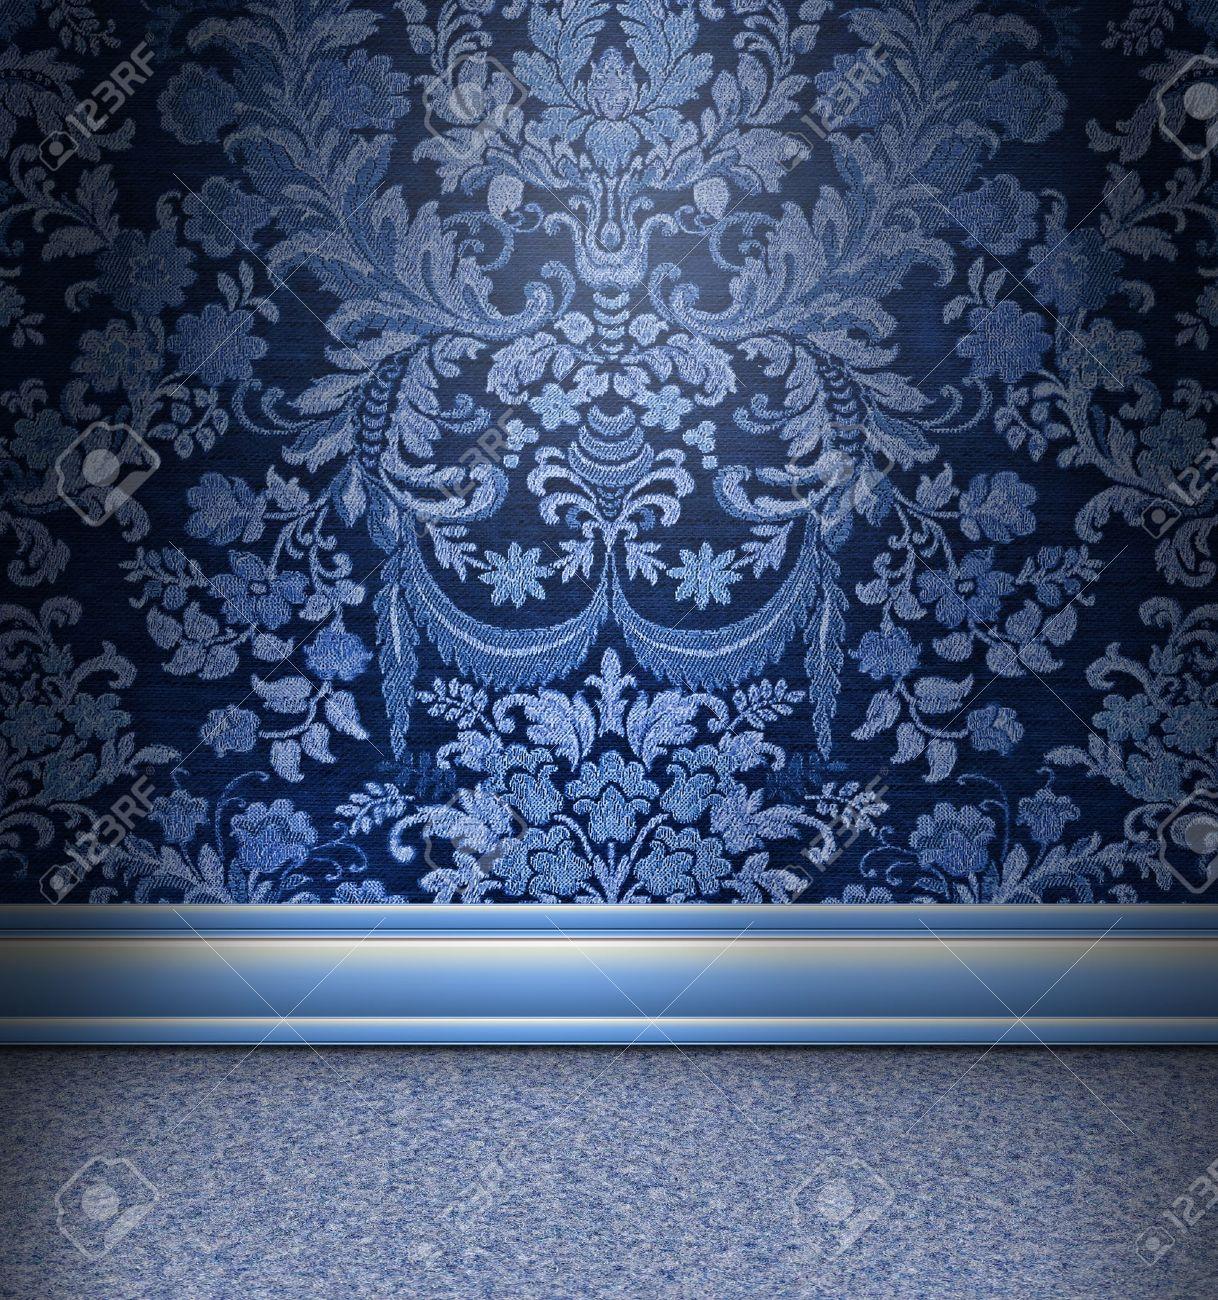 Schone Zimmer Mit Blauem Damast Hellblau Teppich Lizenzfreie Fotos